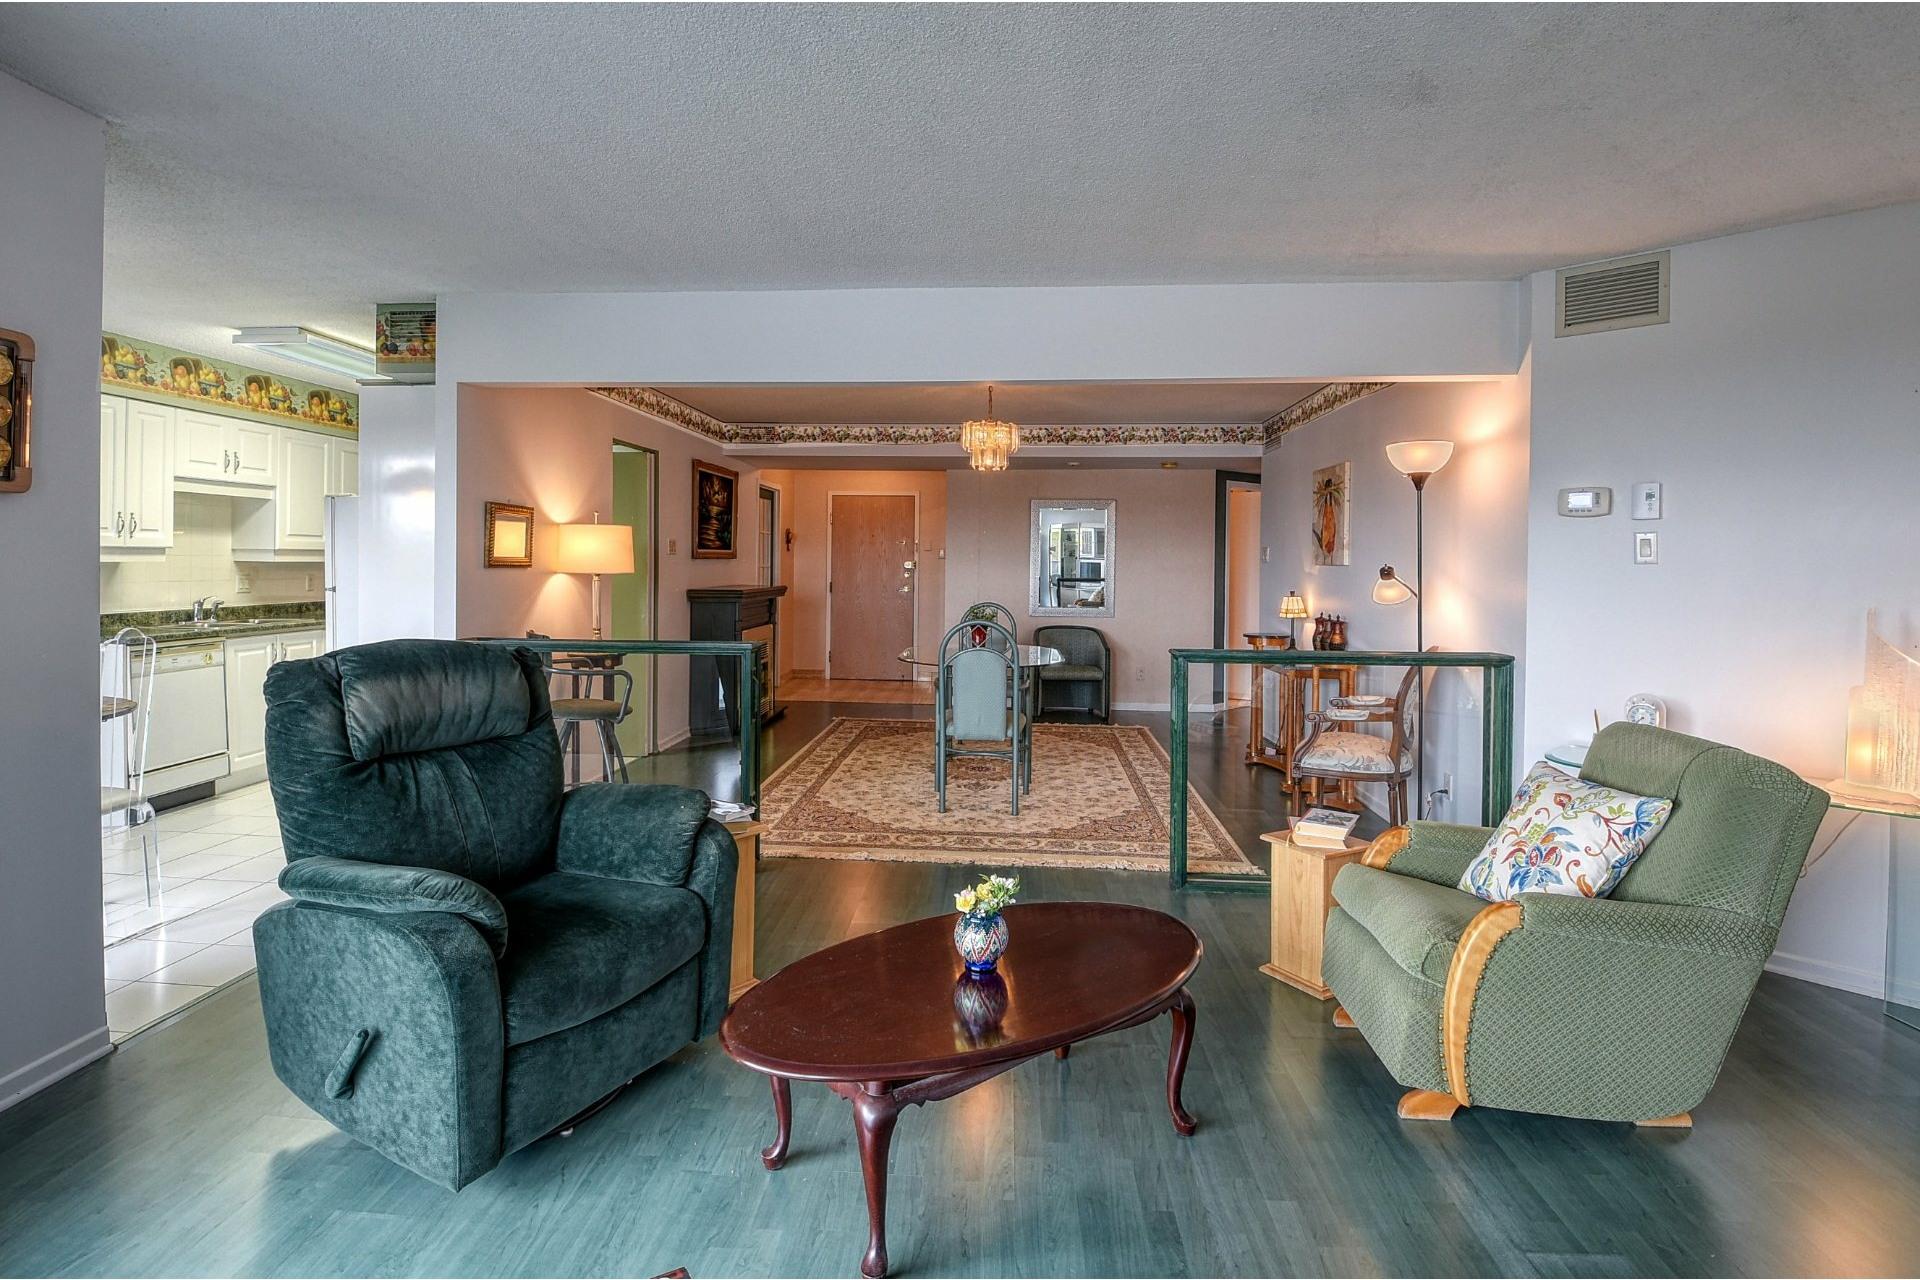 image 4 - Appartement À vendre Montréal-Nord Montréal  - 6 pièces